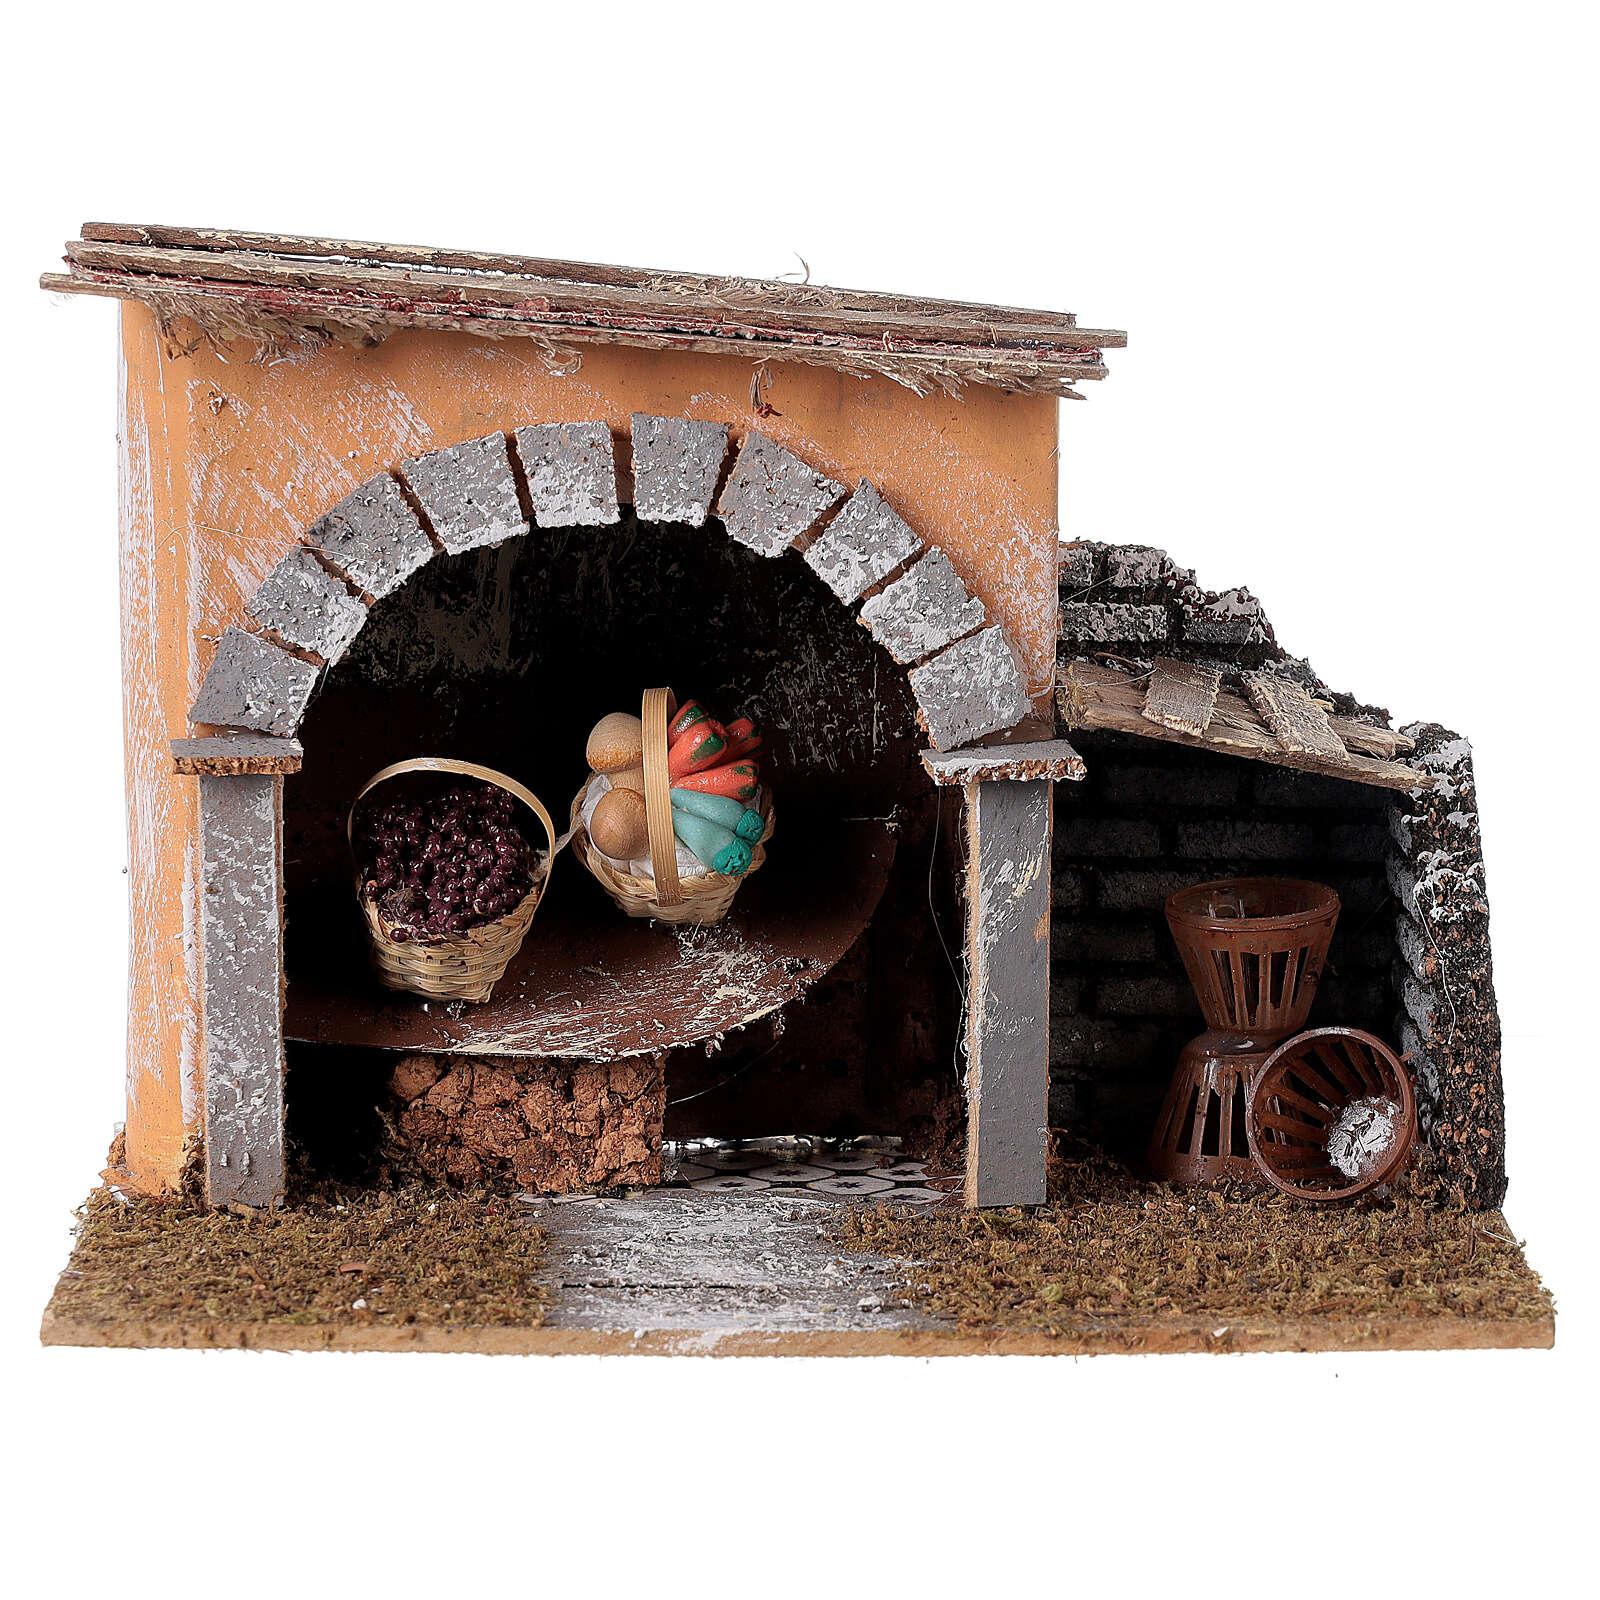 Bottega con cestini per presepe 14x20x14 cm 4